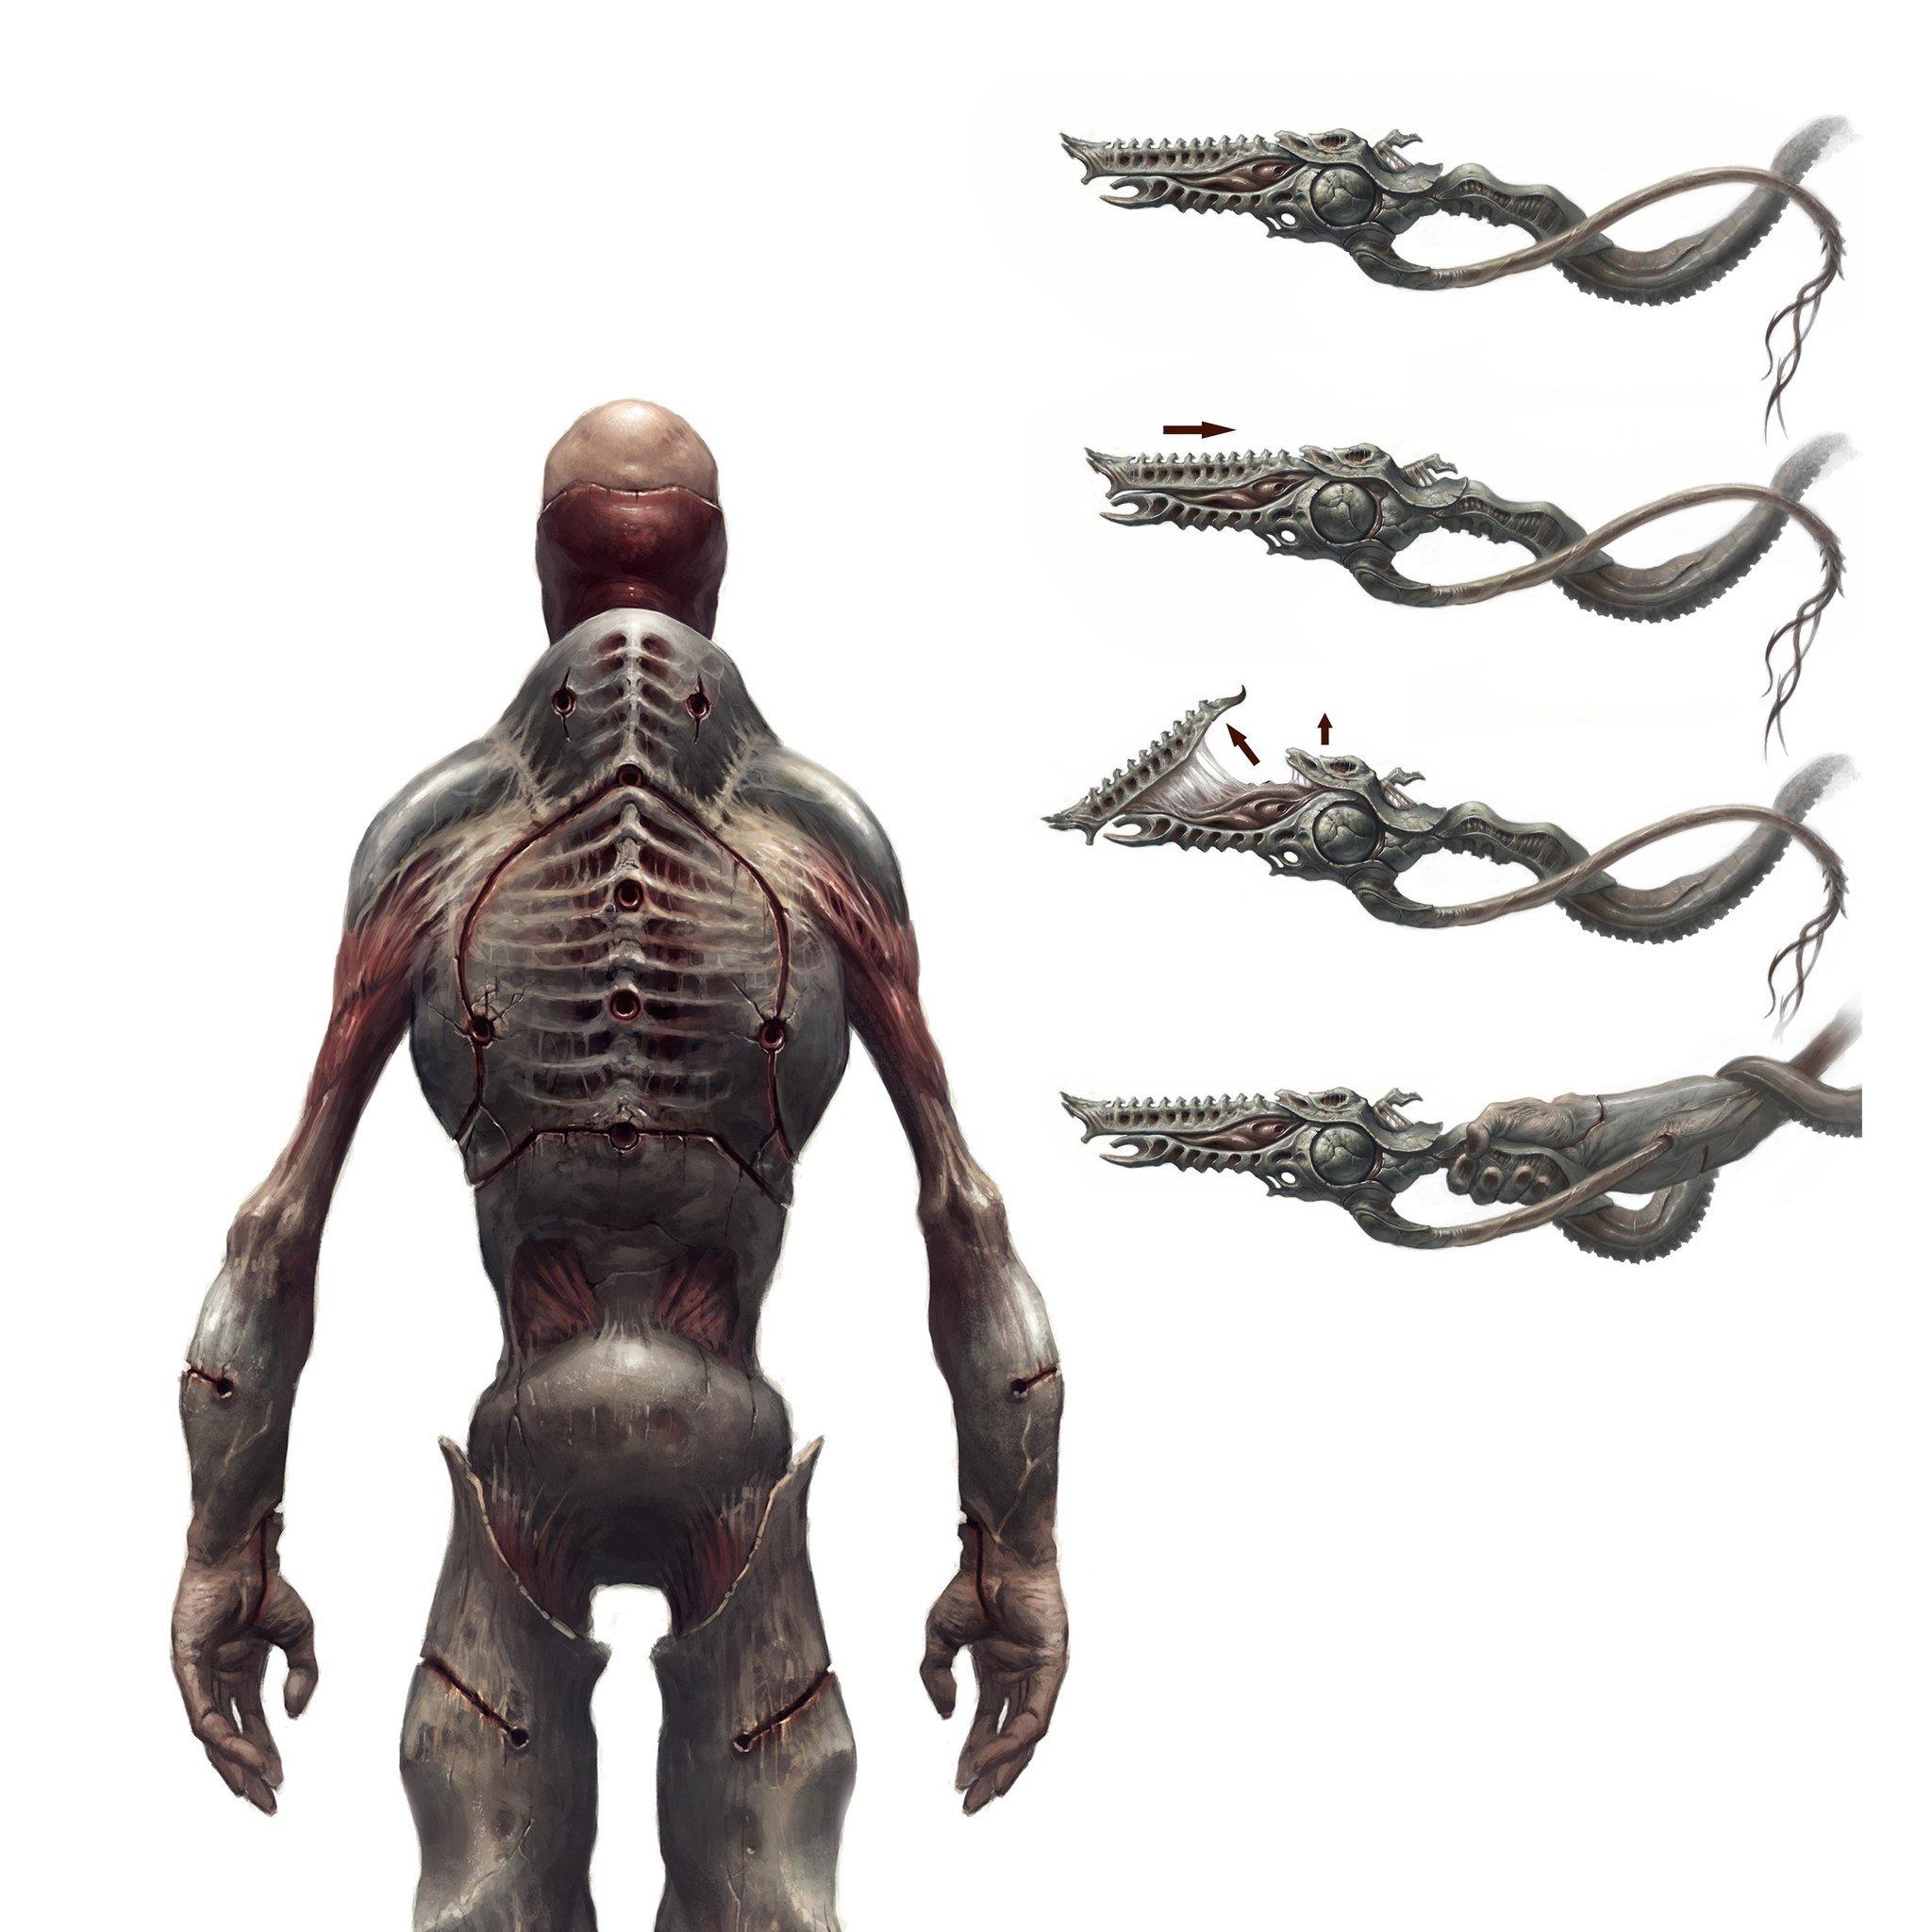 Концепт-арты нового эксклюзивного хоррора для PS4 от Sony Bend. - Изображение 3